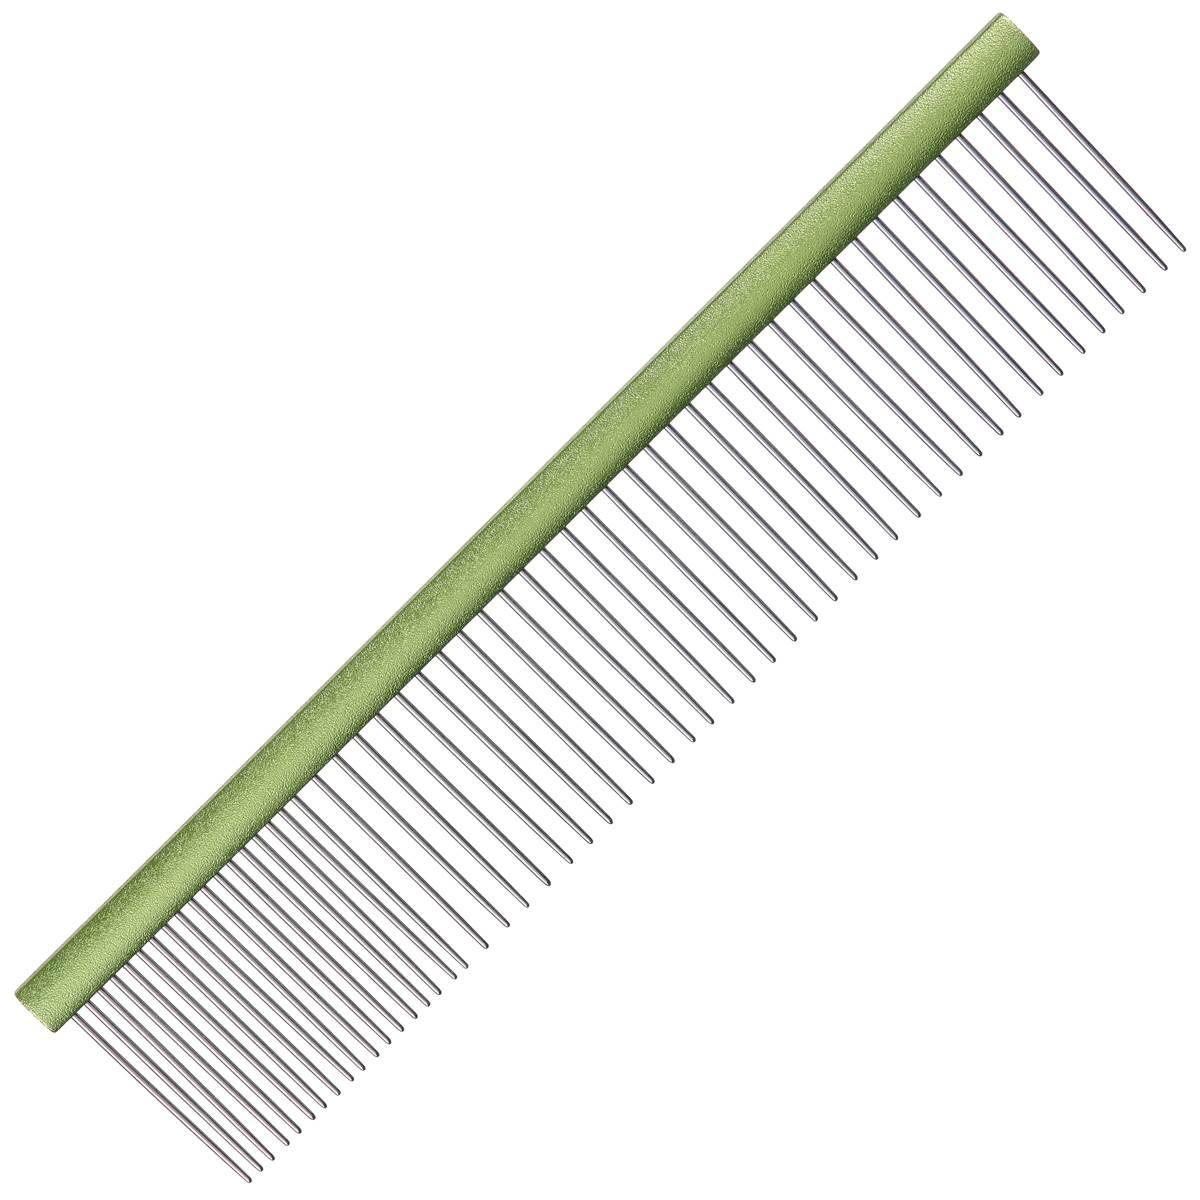 Groom Professional Spectrum Aluminium Comb 80/20